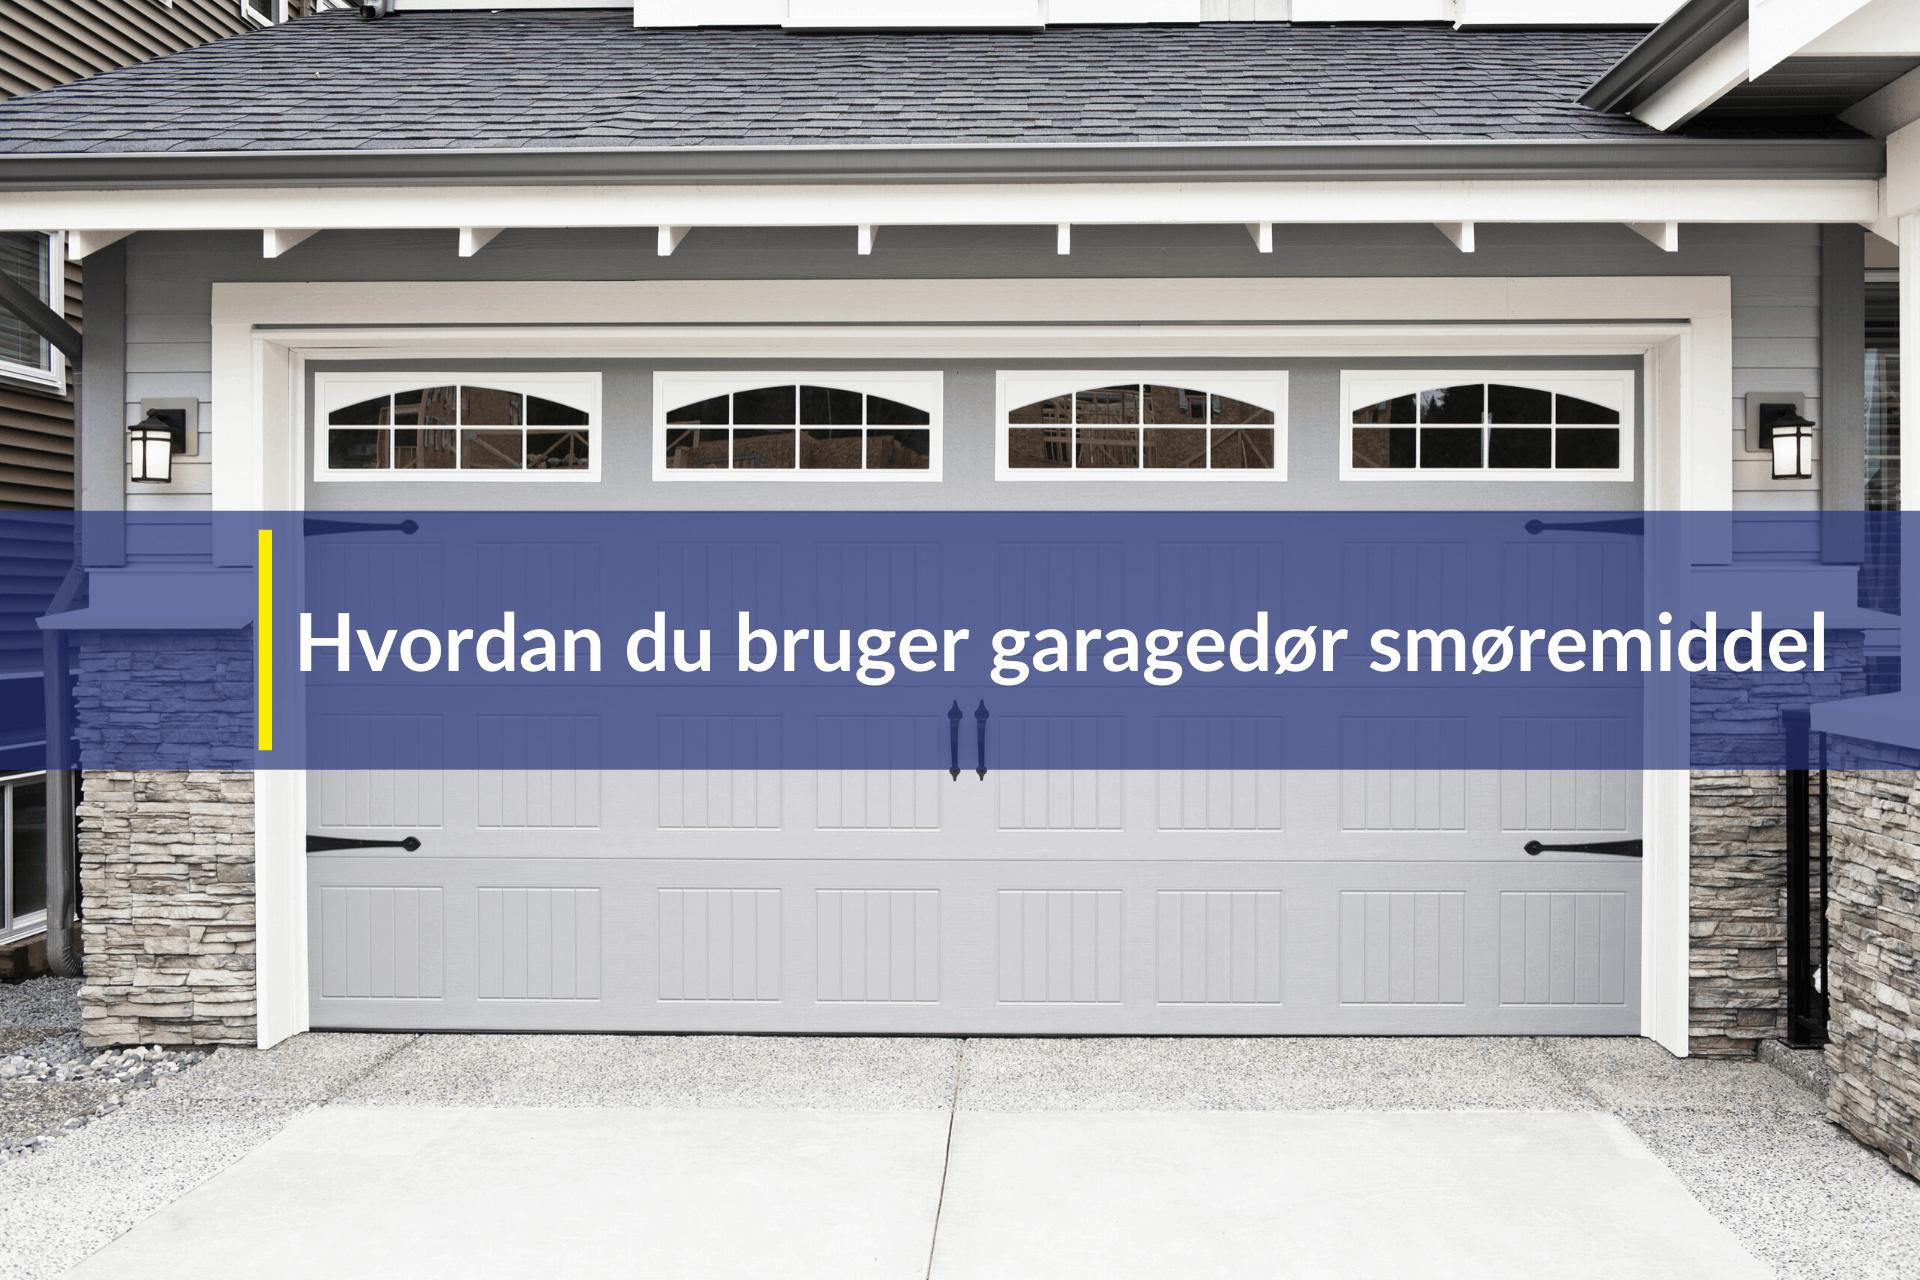 hvordan du bruger garagedør smøremiddel